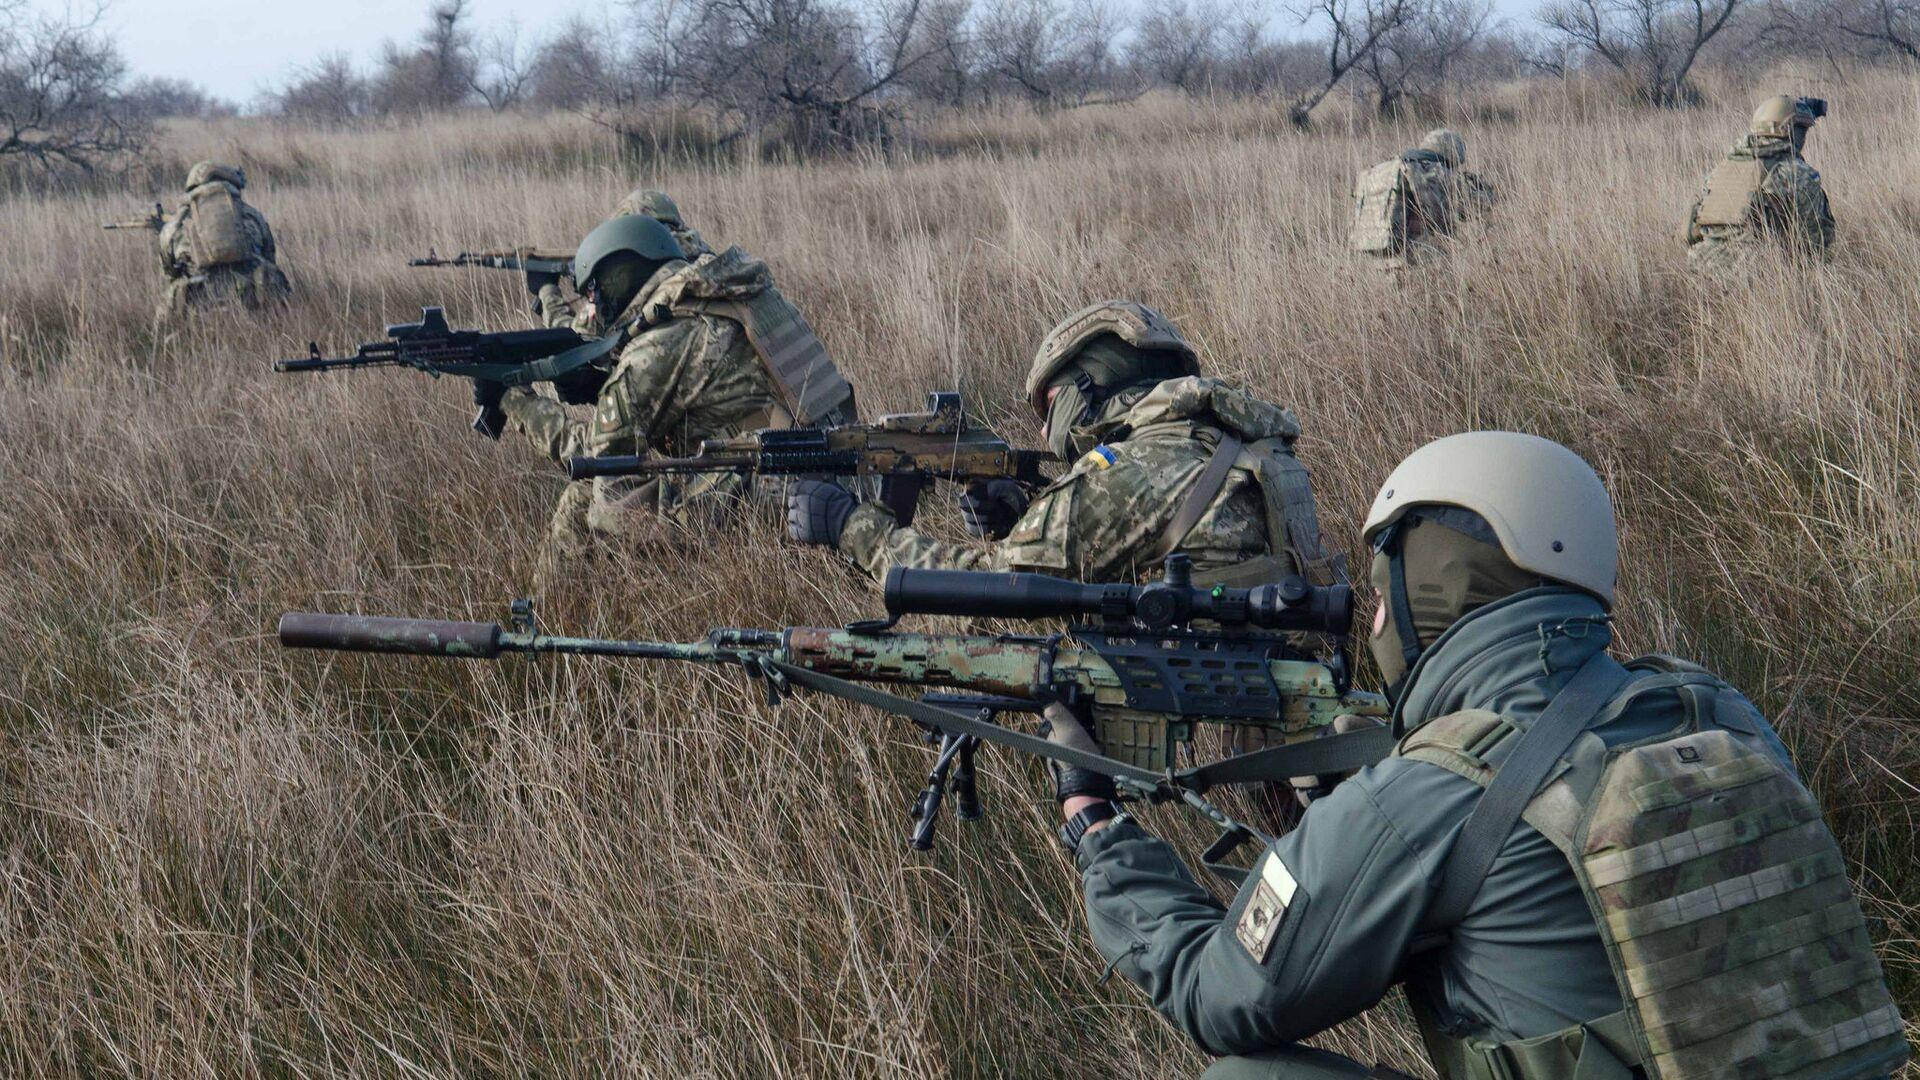 Морские пехотинцы ВСУ во время учений - РИА Новости, 1920, 09.04.2021